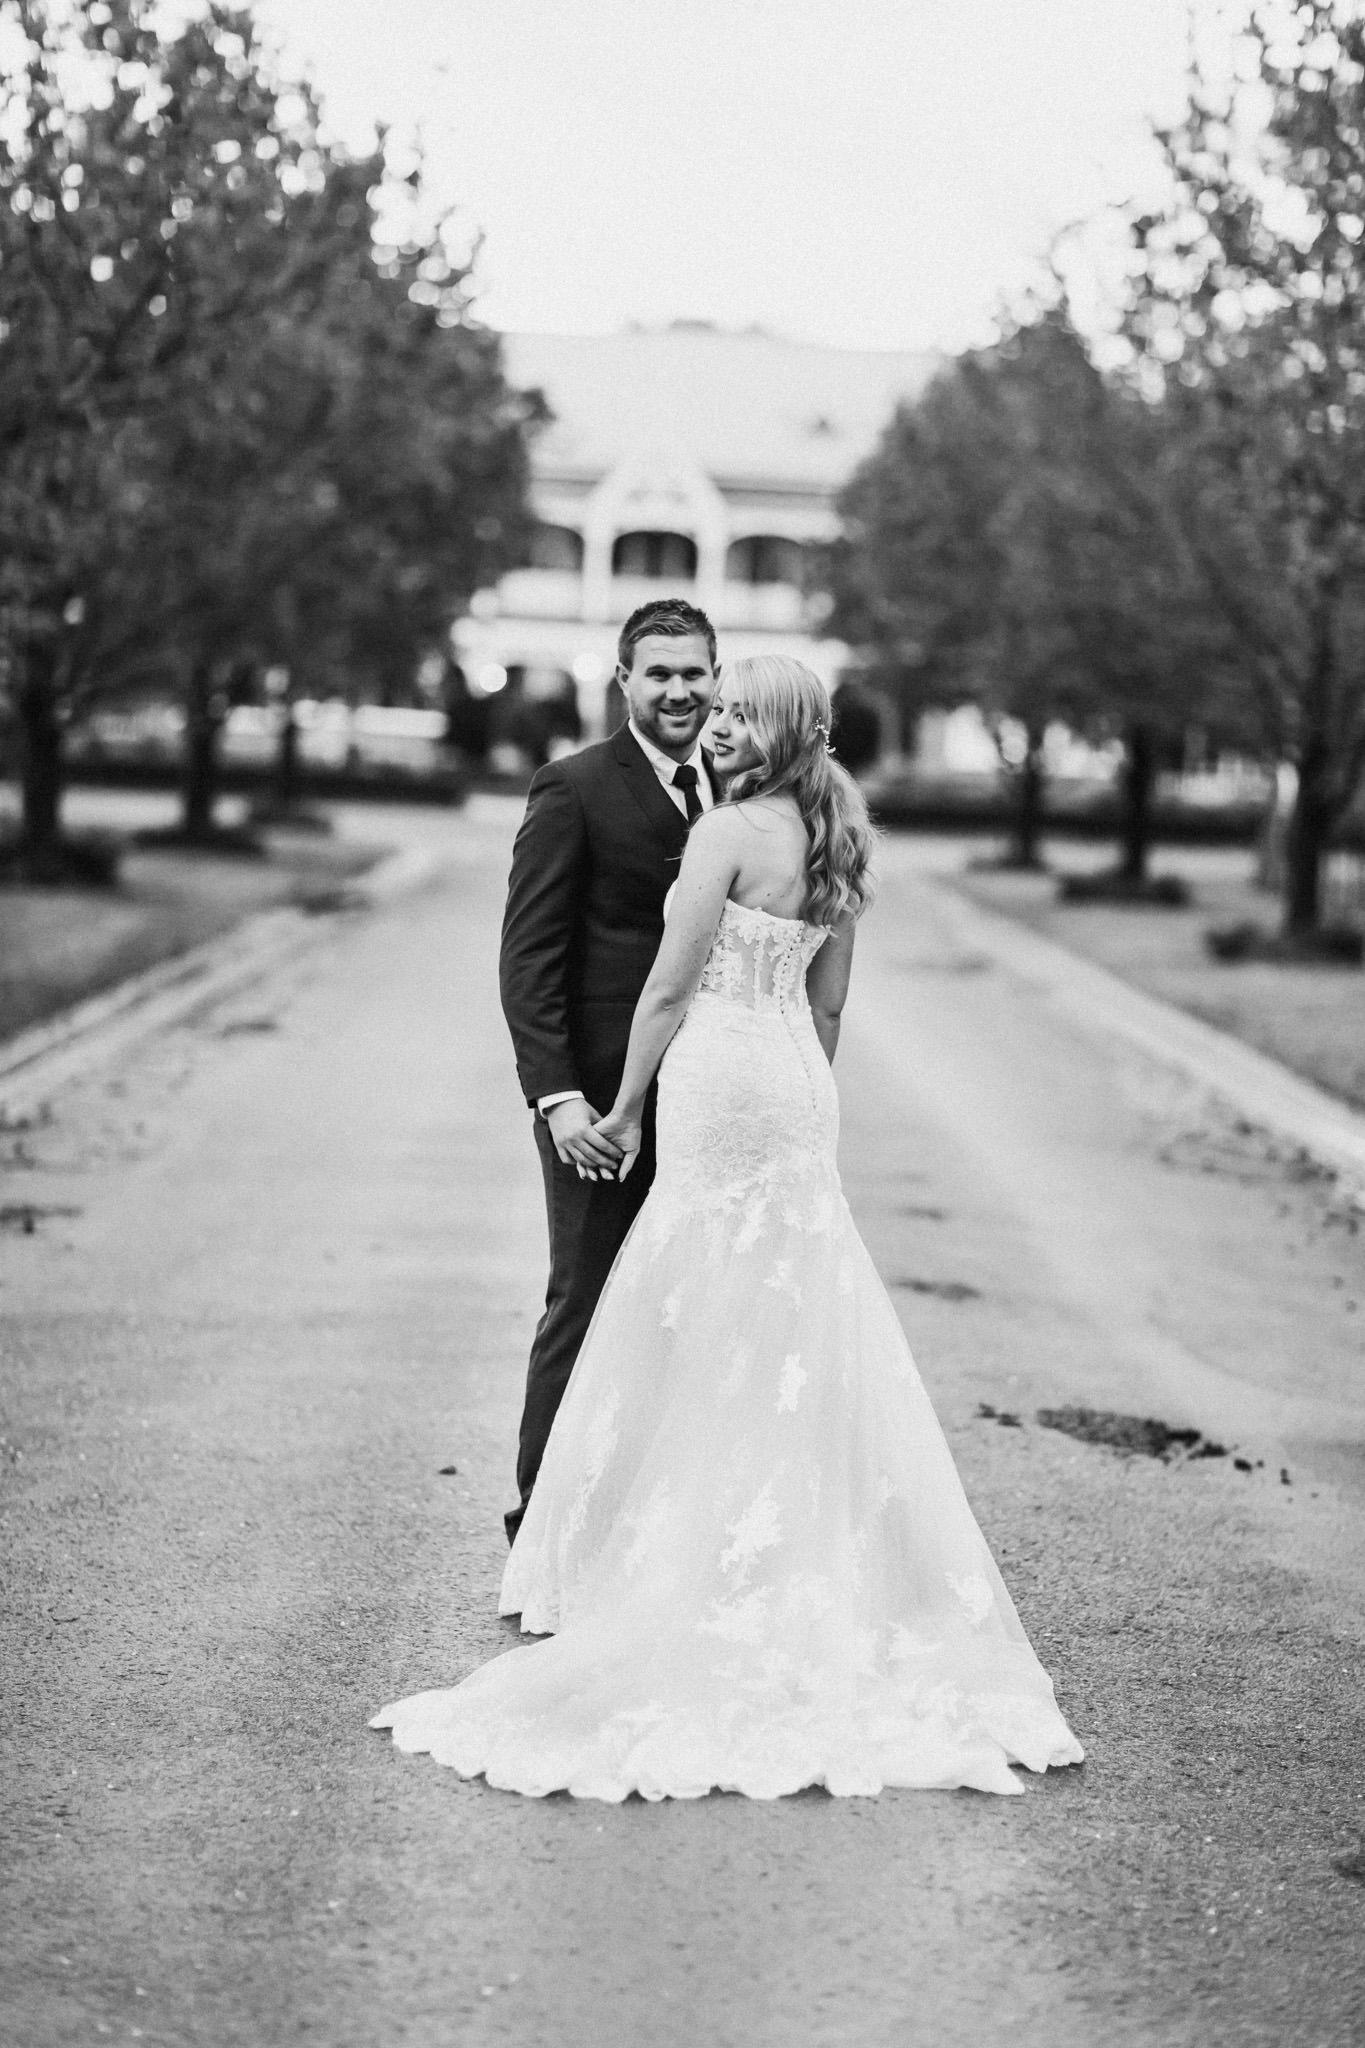 WeddingPhotos_Facebook_2048pixels-1104.jpg